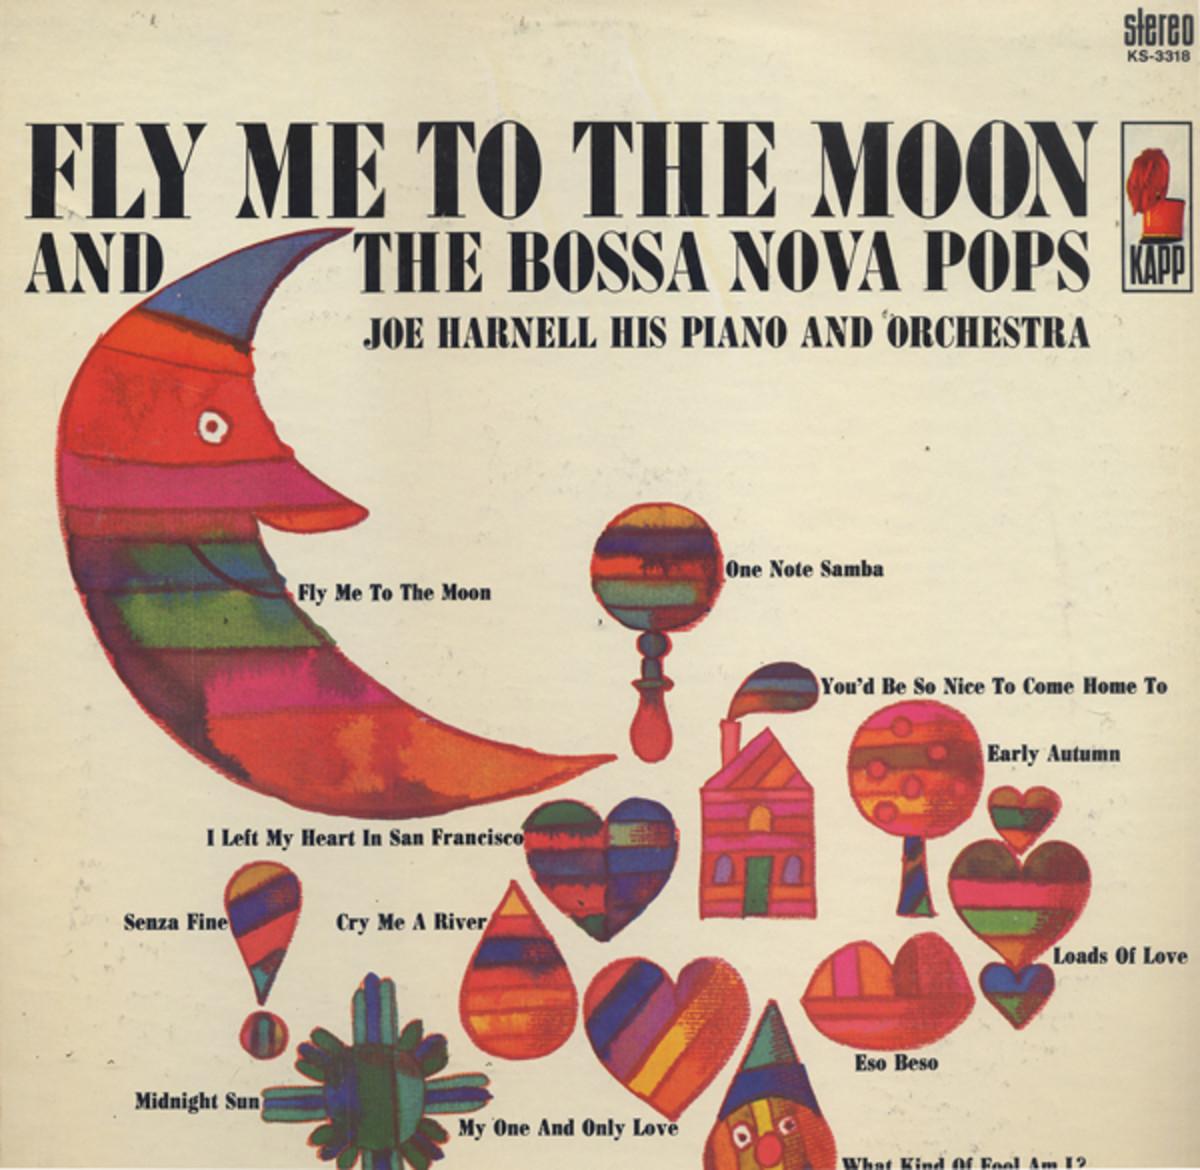 Joe Harnell's Bossa Nova